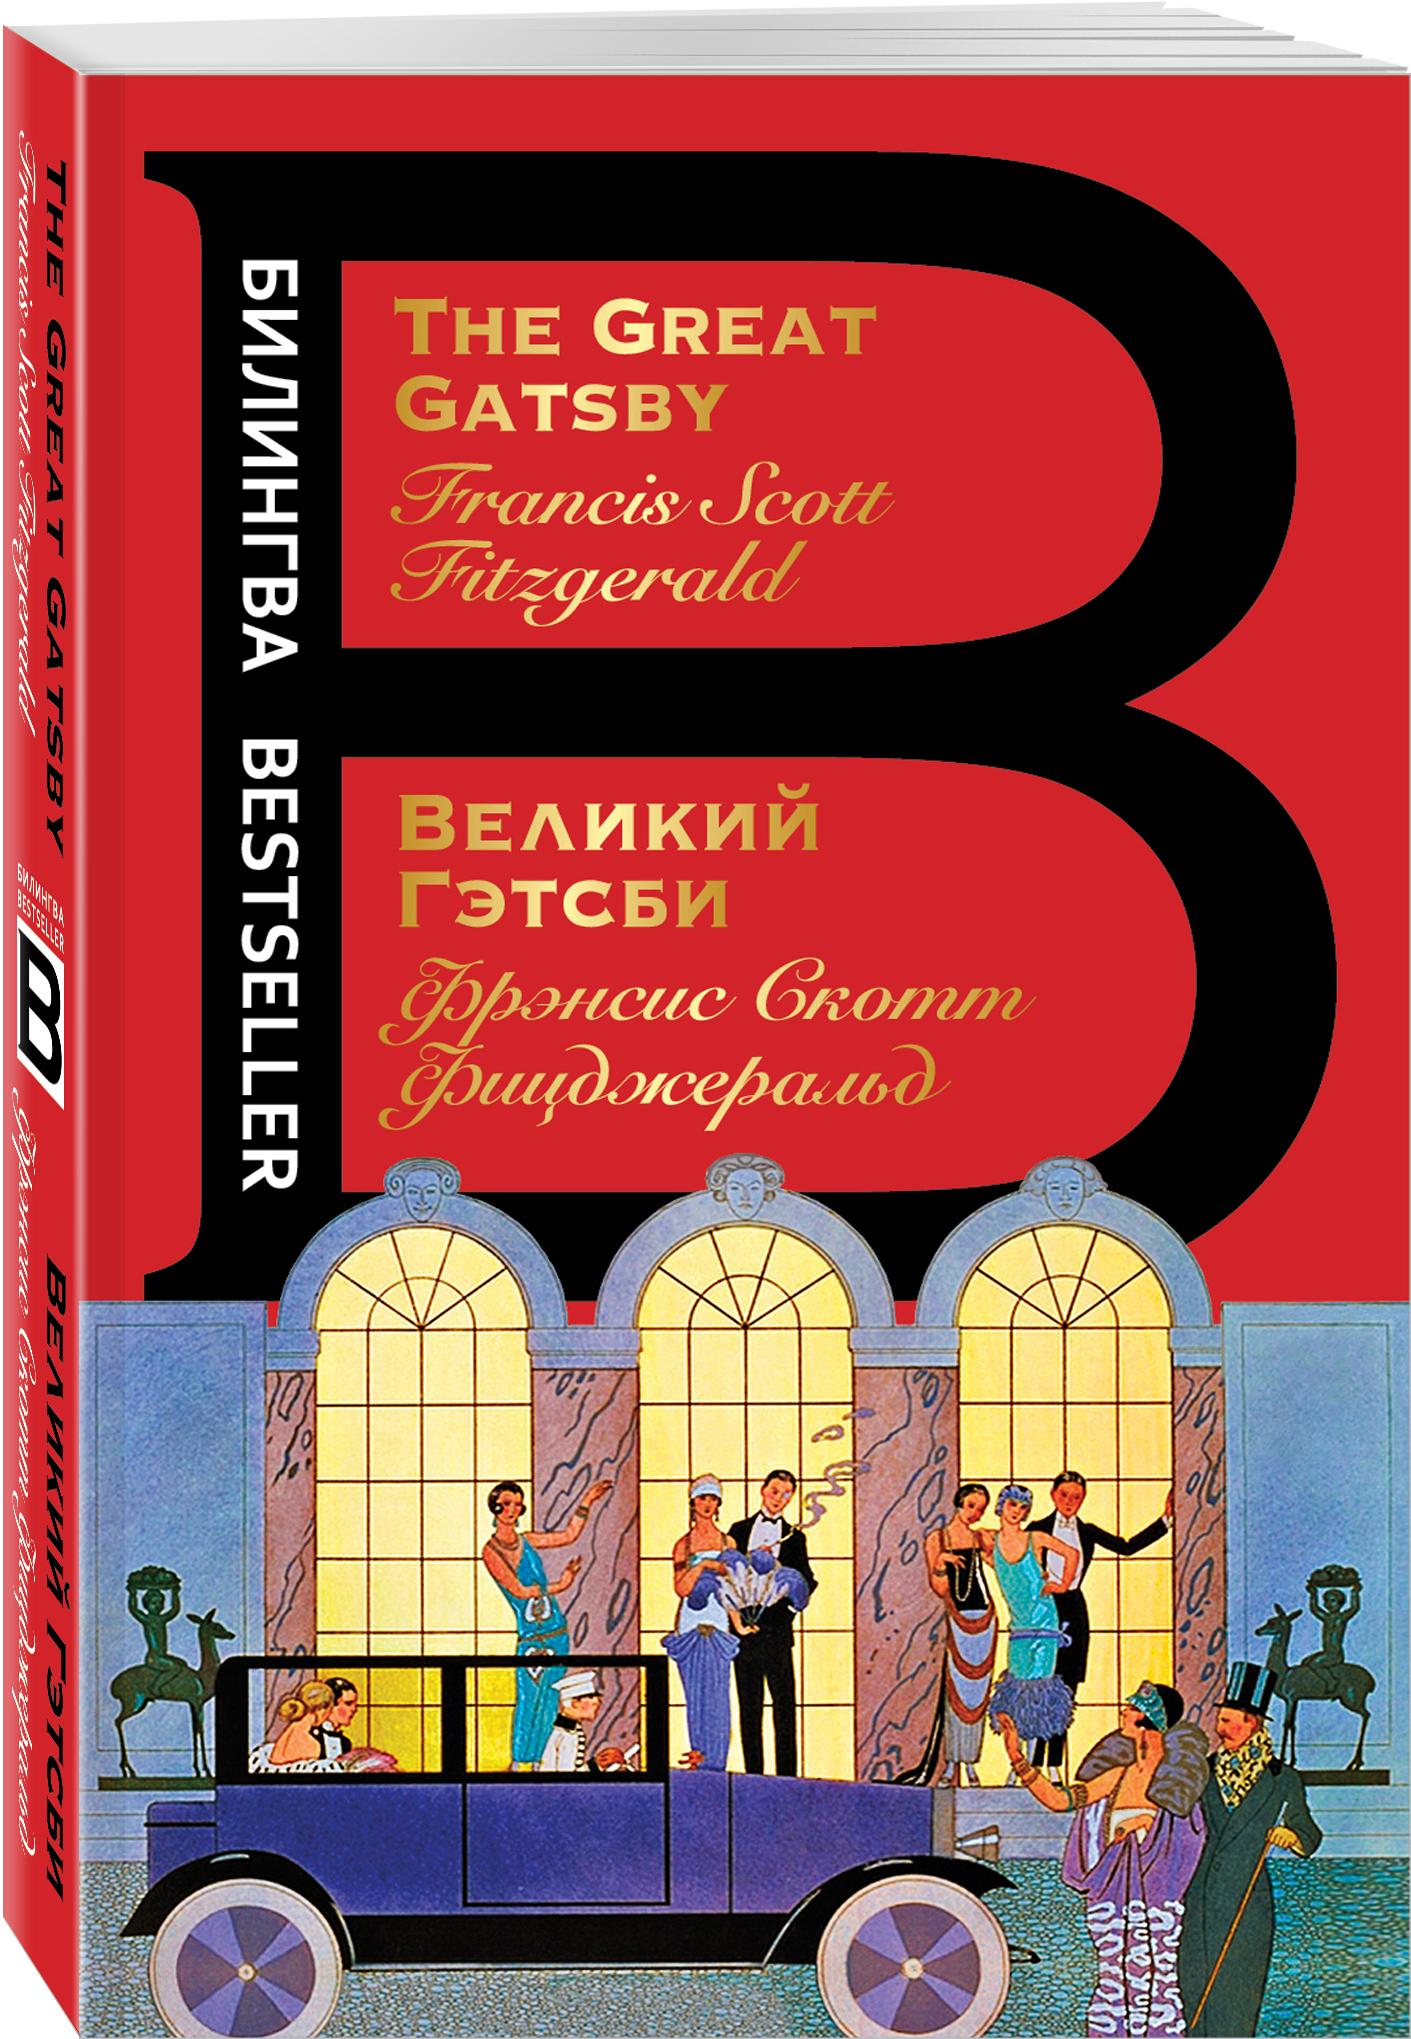 Фрэнсис Скотт Фицджеральд Великий Гэтсби. The Great Gatsby фицджеральд фрэнсис скотт великий гэтсби the great gatsby 3 уровень cd